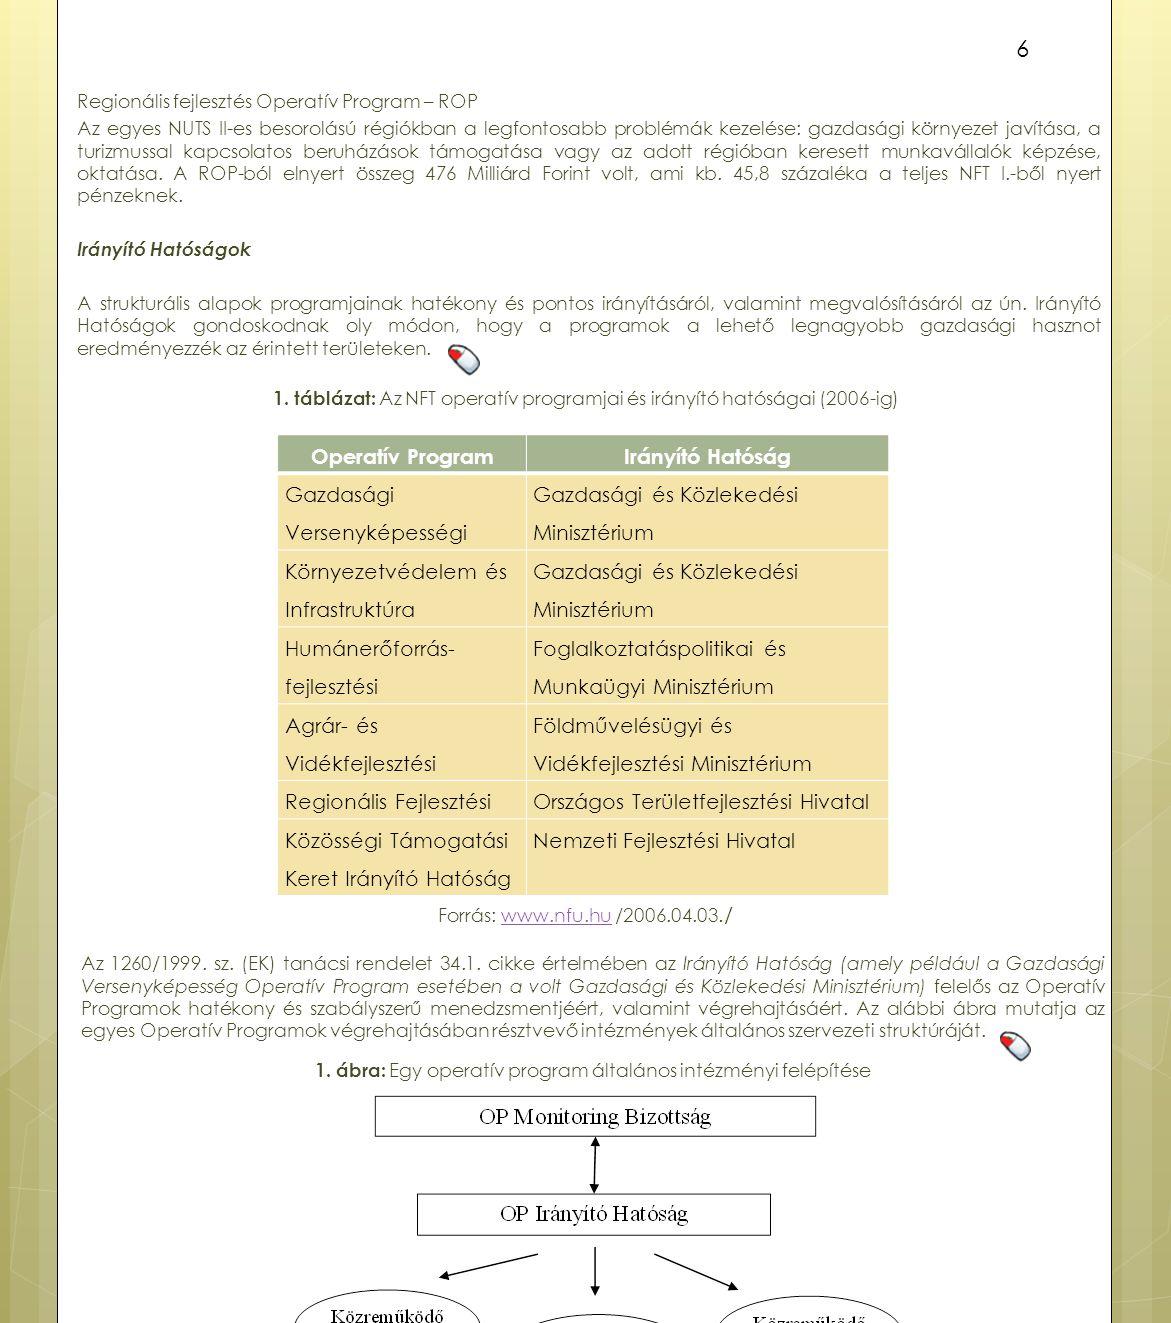 1. ábra: Egy operatív program általános intézményi felépítése